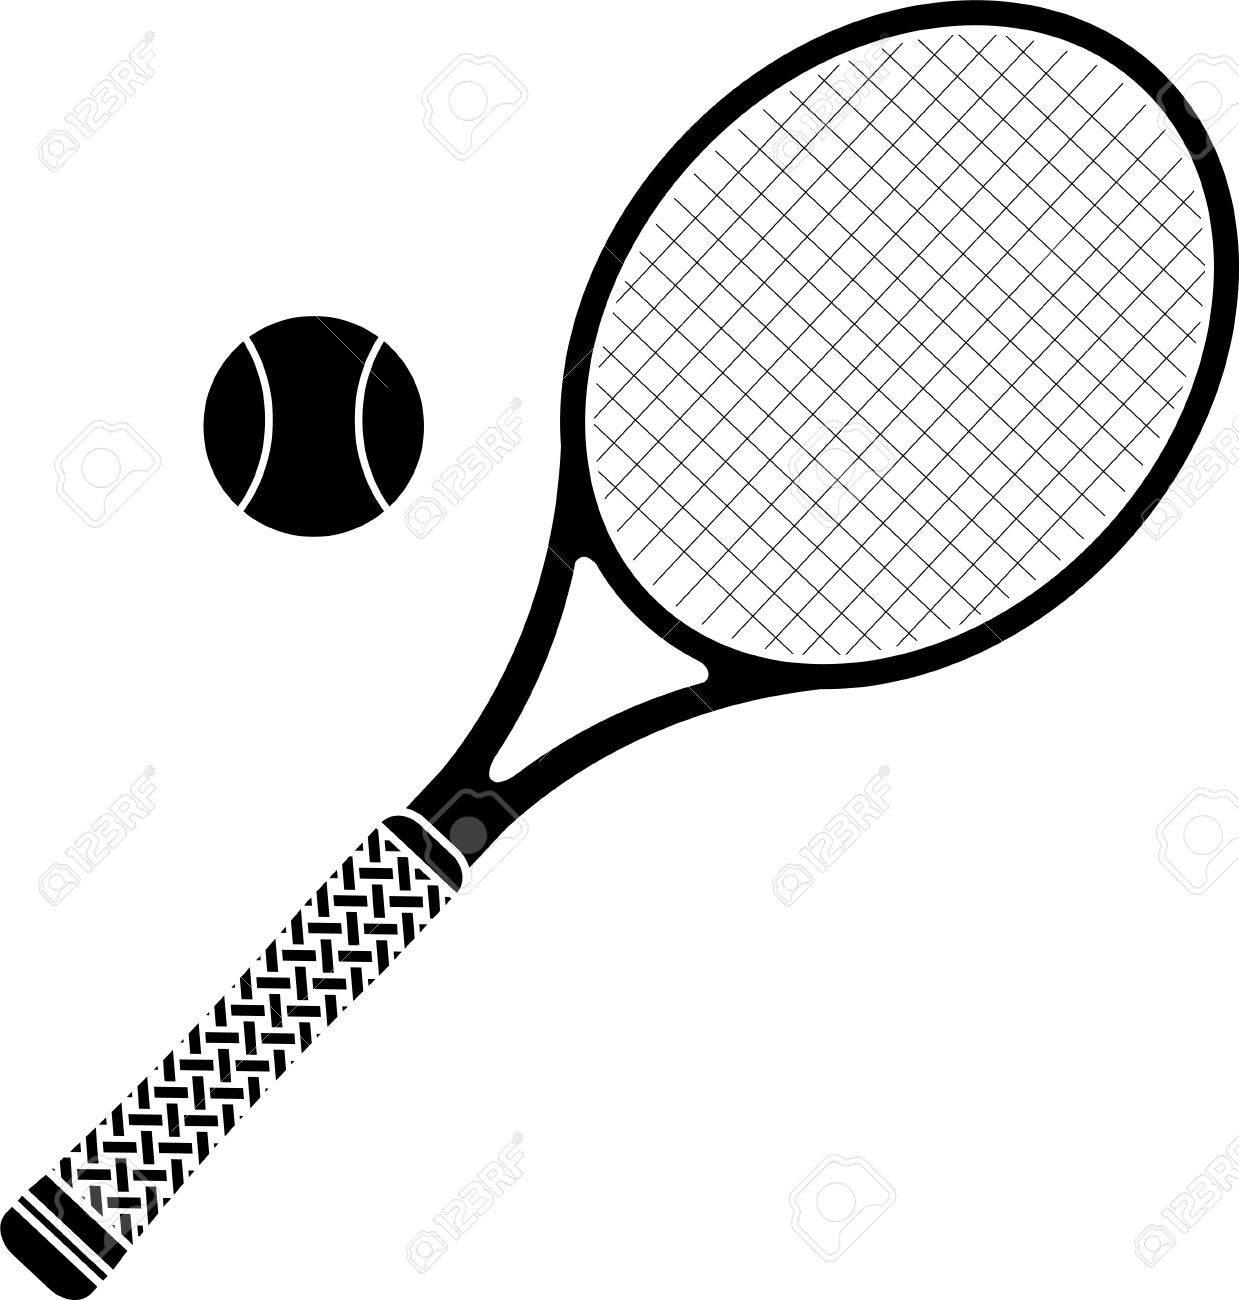 Raqueta De Tenis Plantilla Ilustración Vectorial Ilustraciones ...